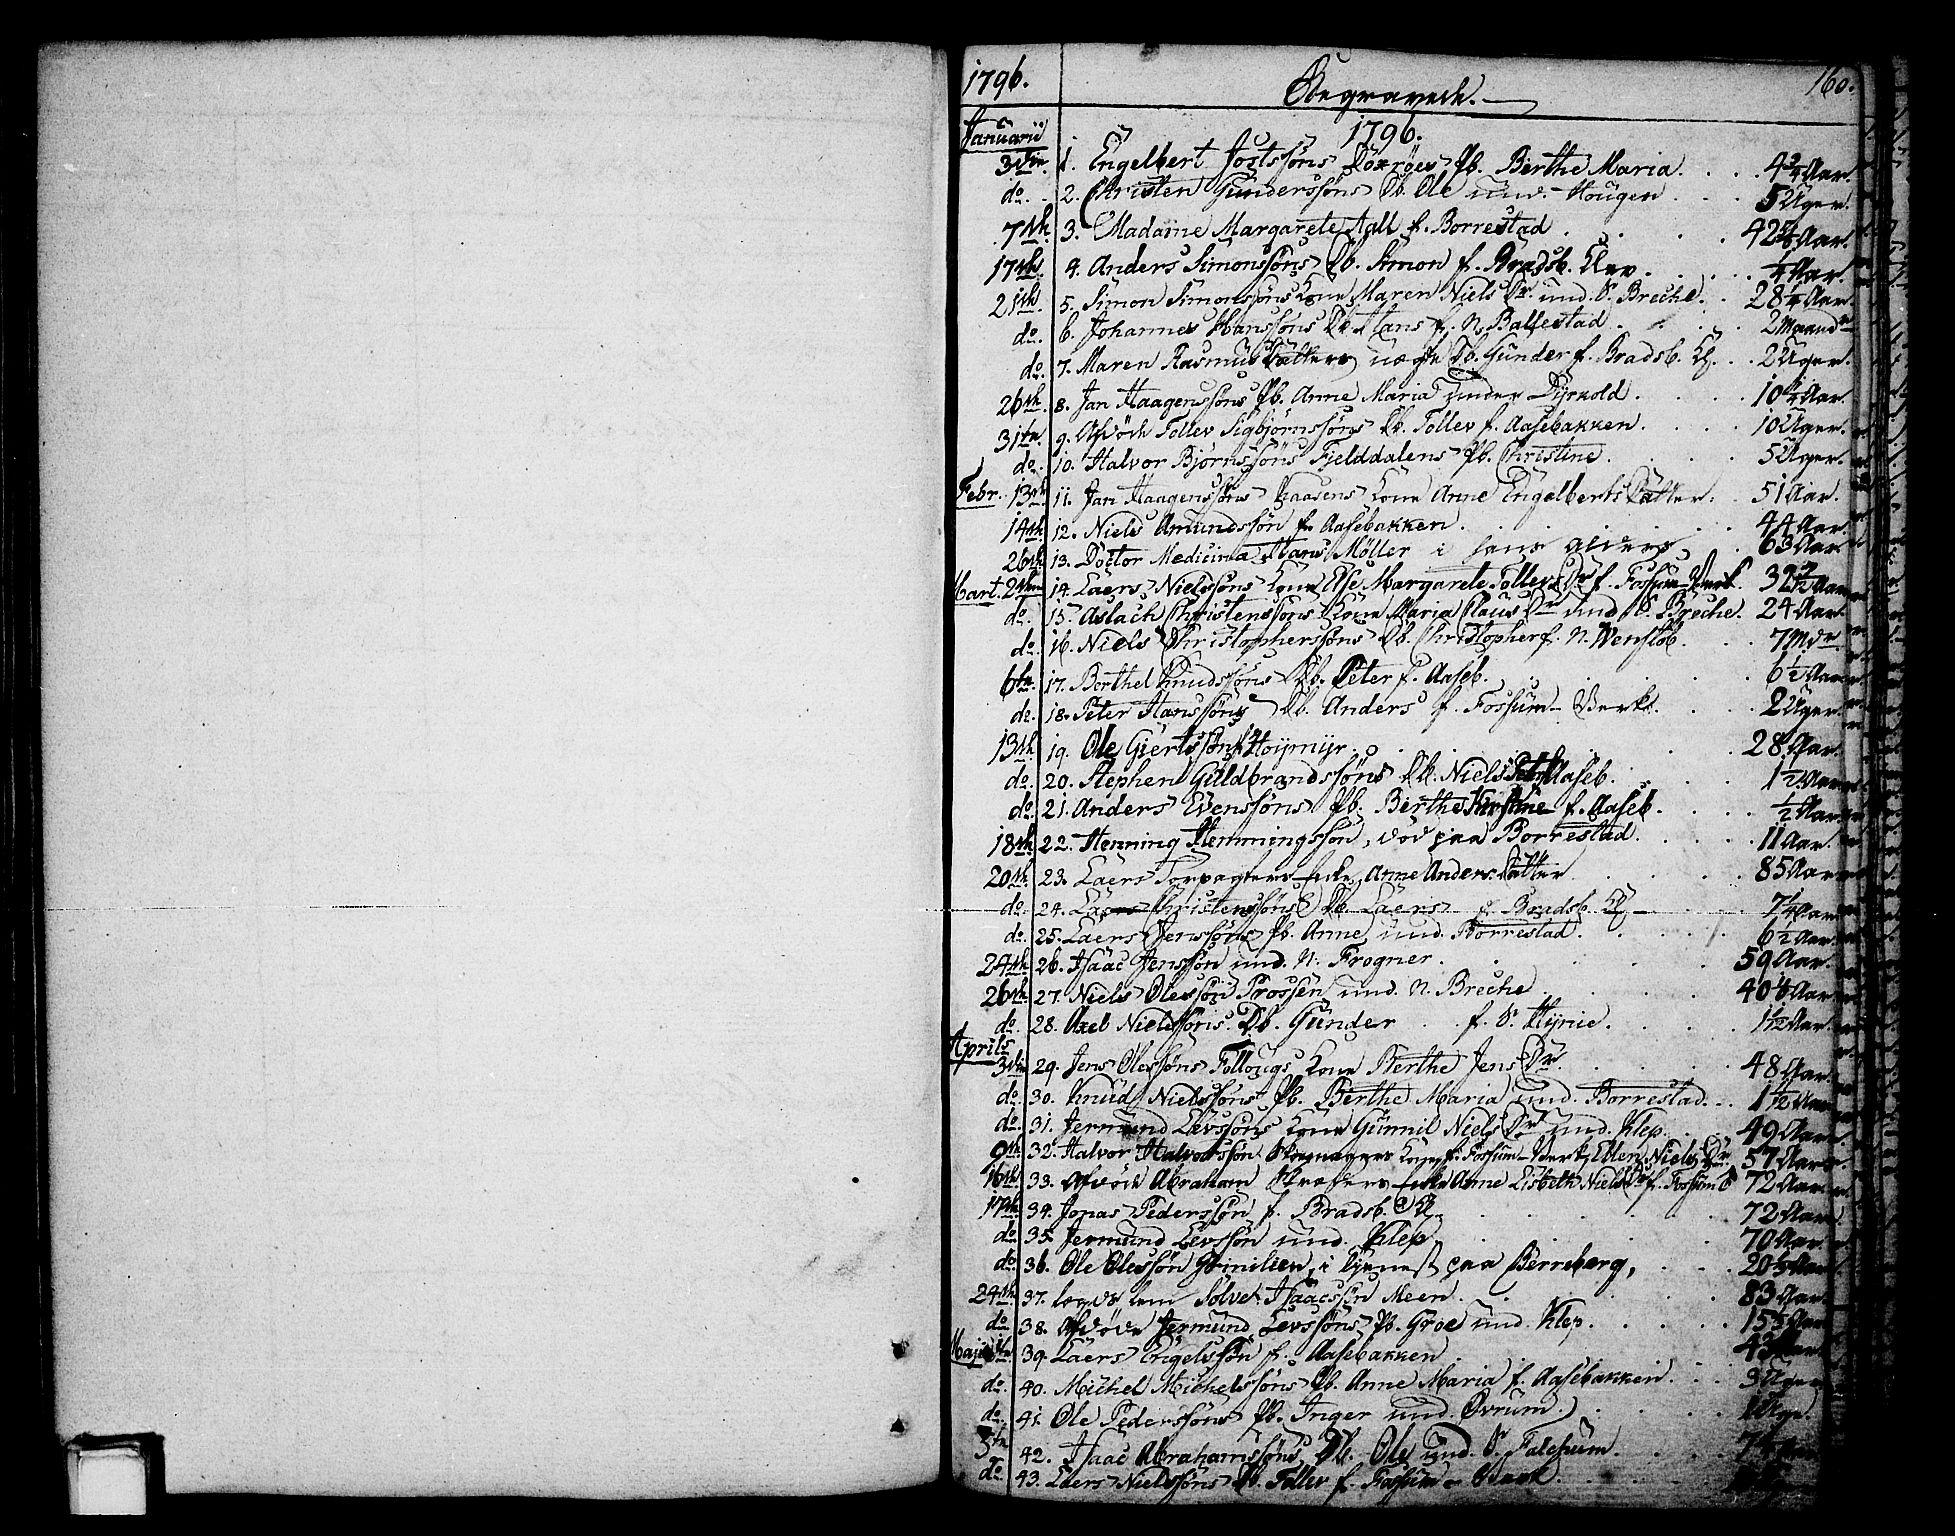 SAKO, Gjerpen kirkebøker, F/Fa/L0003: Ministerialbok nr. 3, 1796-1814, s. 160